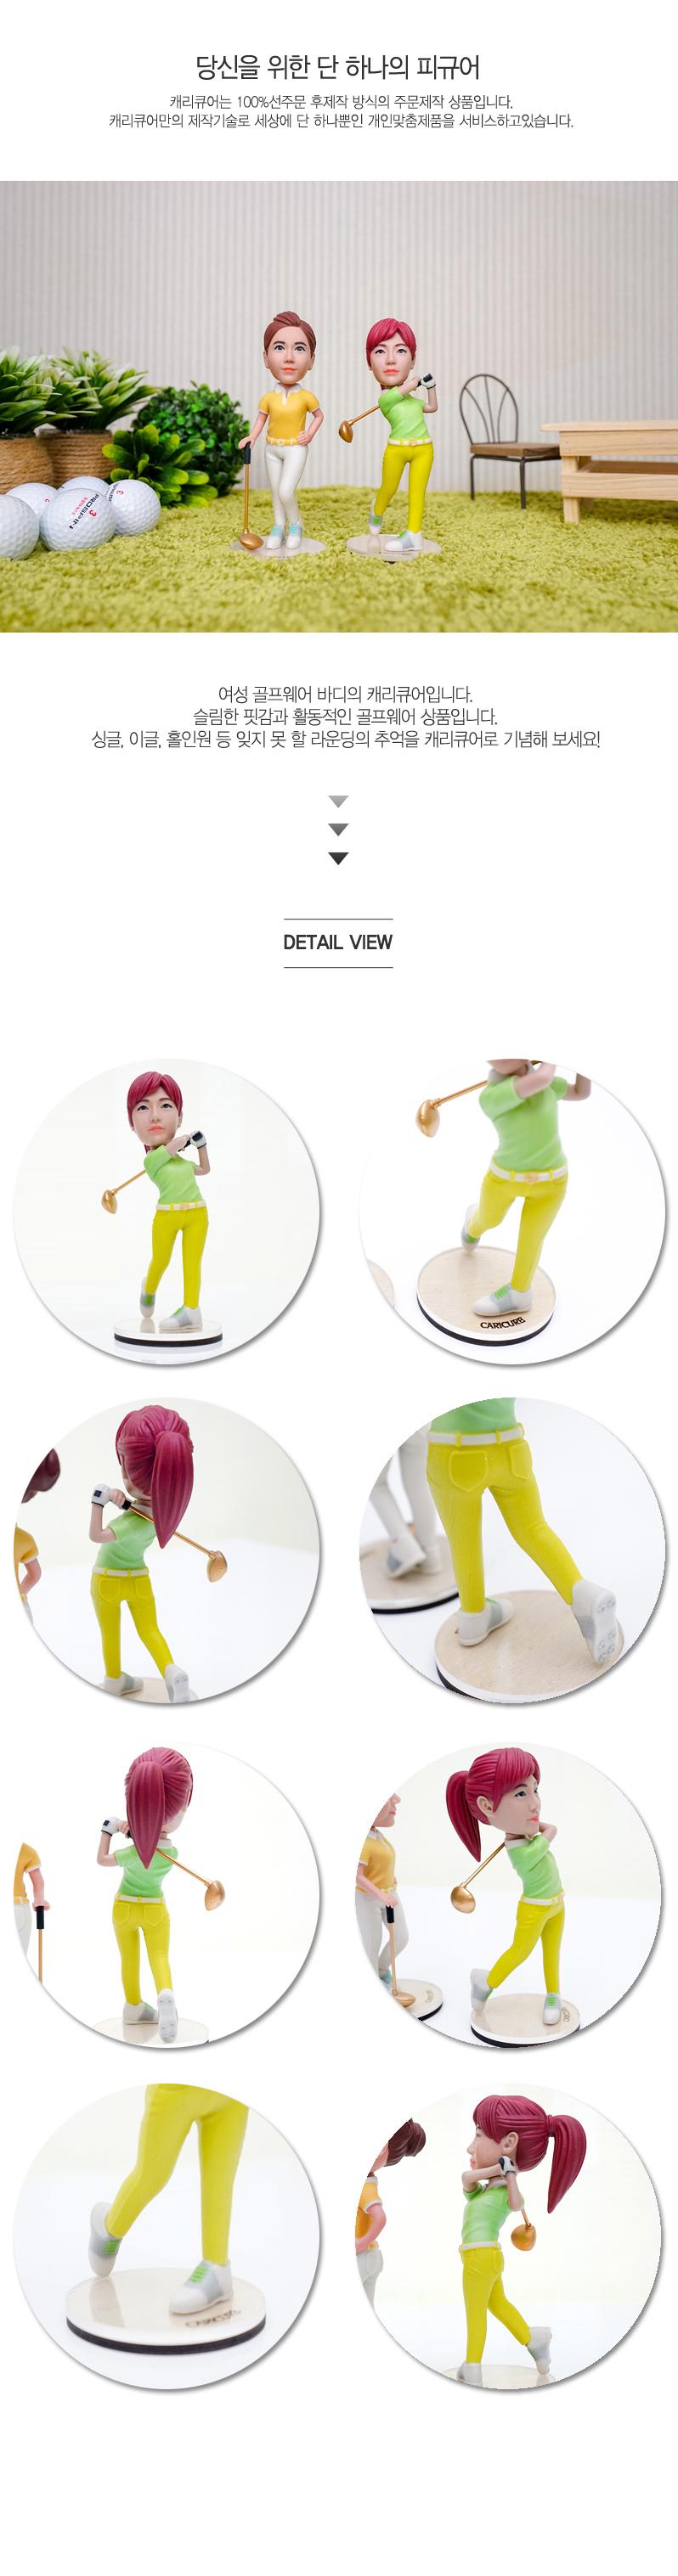 golf_w_pants_02